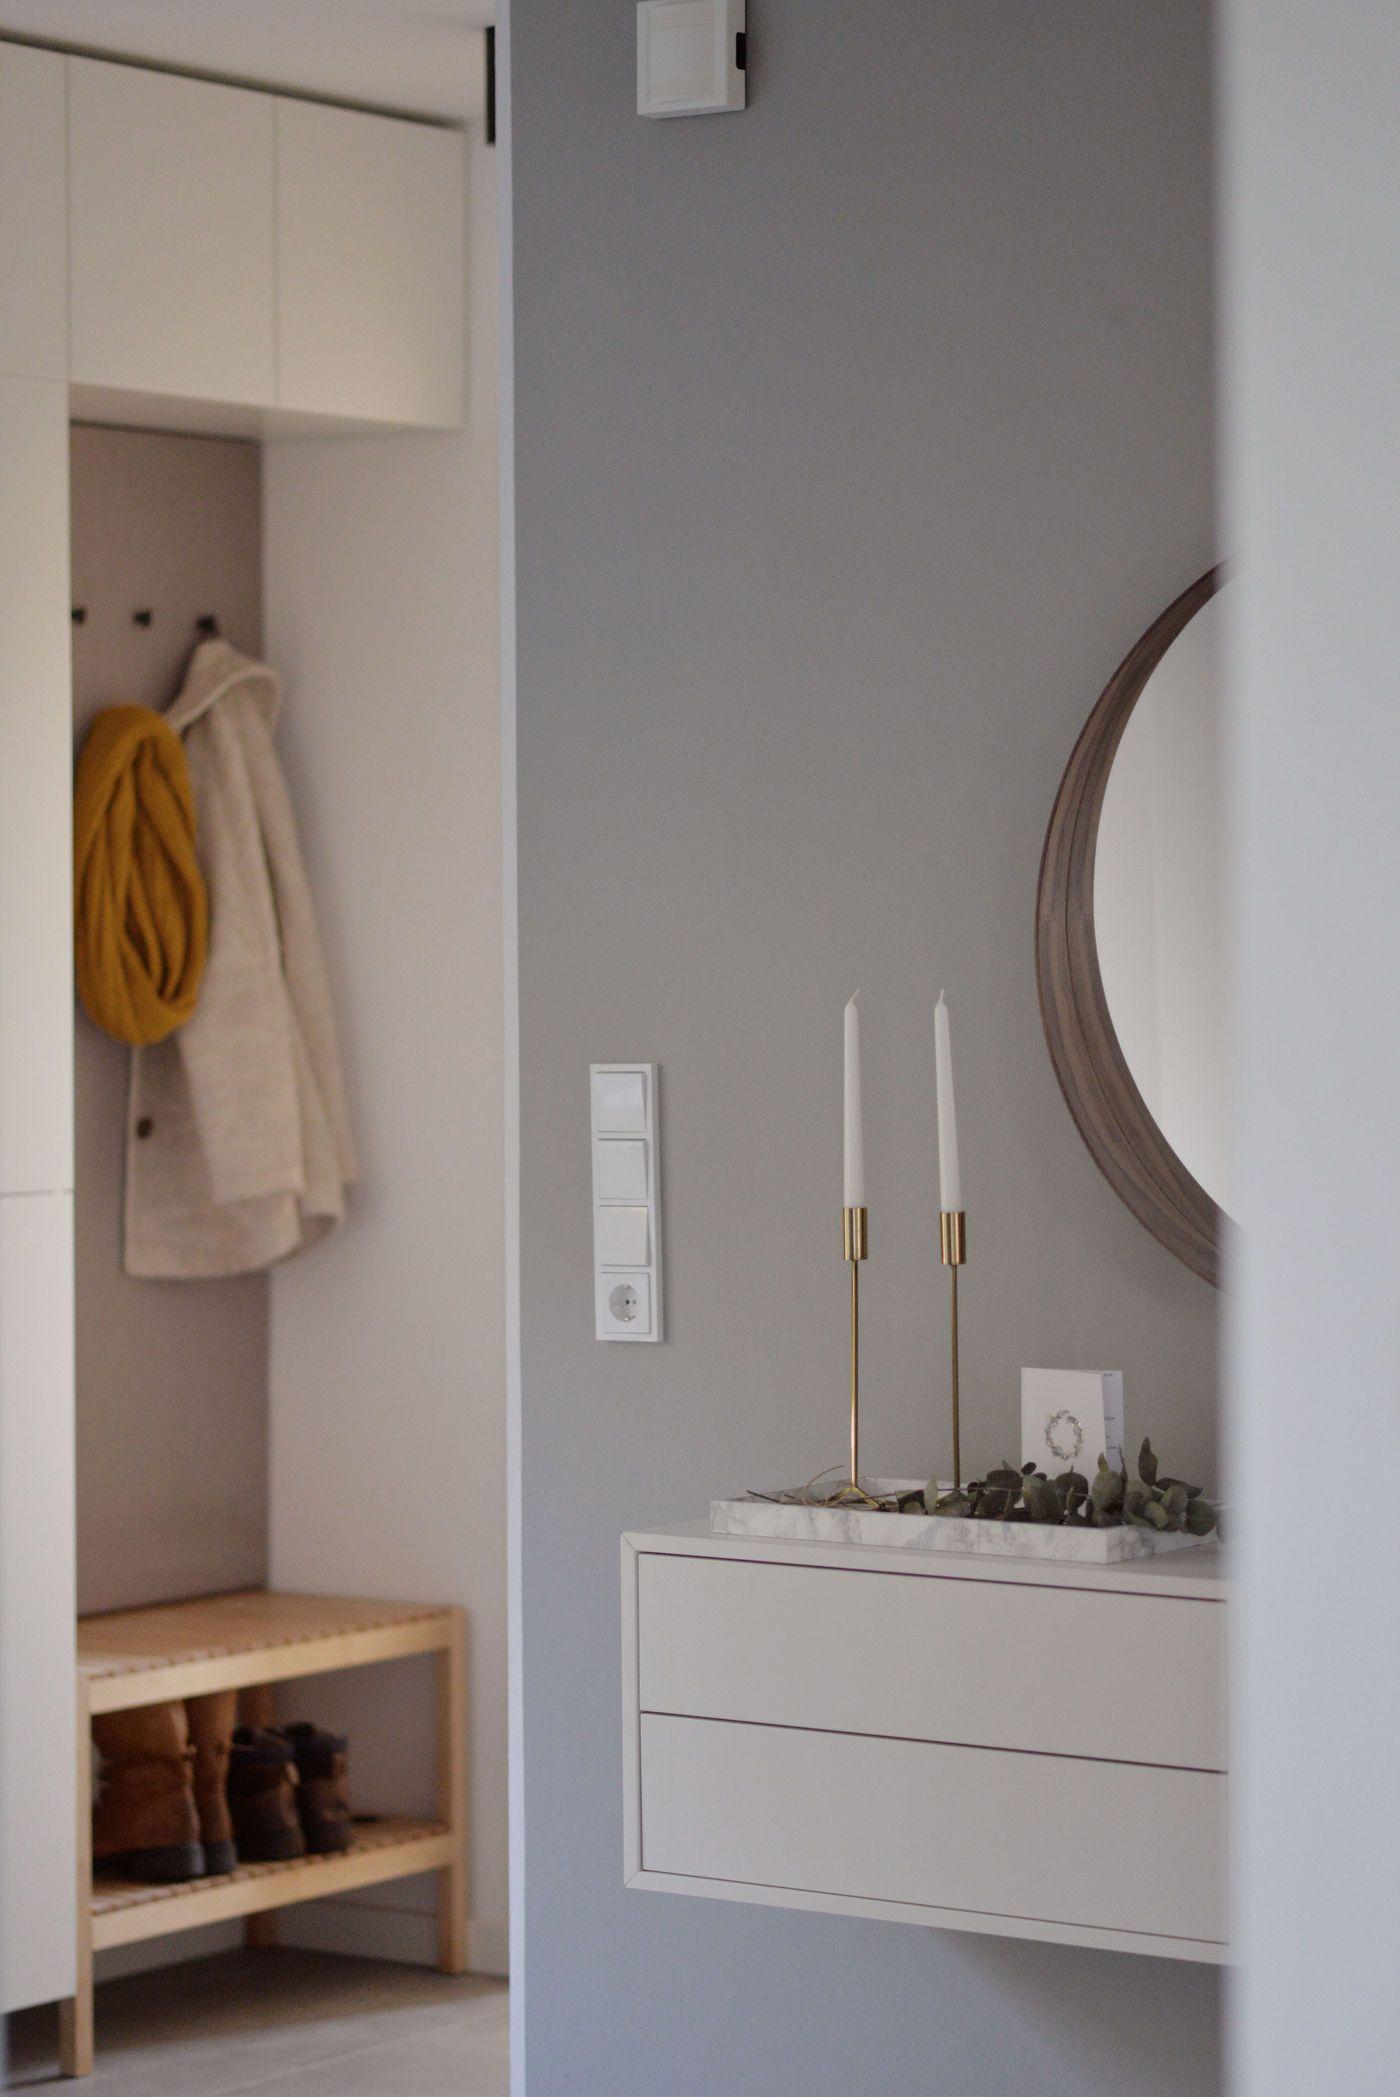 Full Size of Ikea Hauswirtschaftsraum Planen Mobel Beispiele Caseconradcom Küche Kostenlos Bad Online Kaufen Betten Bei Kleines Miniküche Selber Kosten Badezimmer Wohnzimmer Ikea Hauswirtschaftsraum Planen